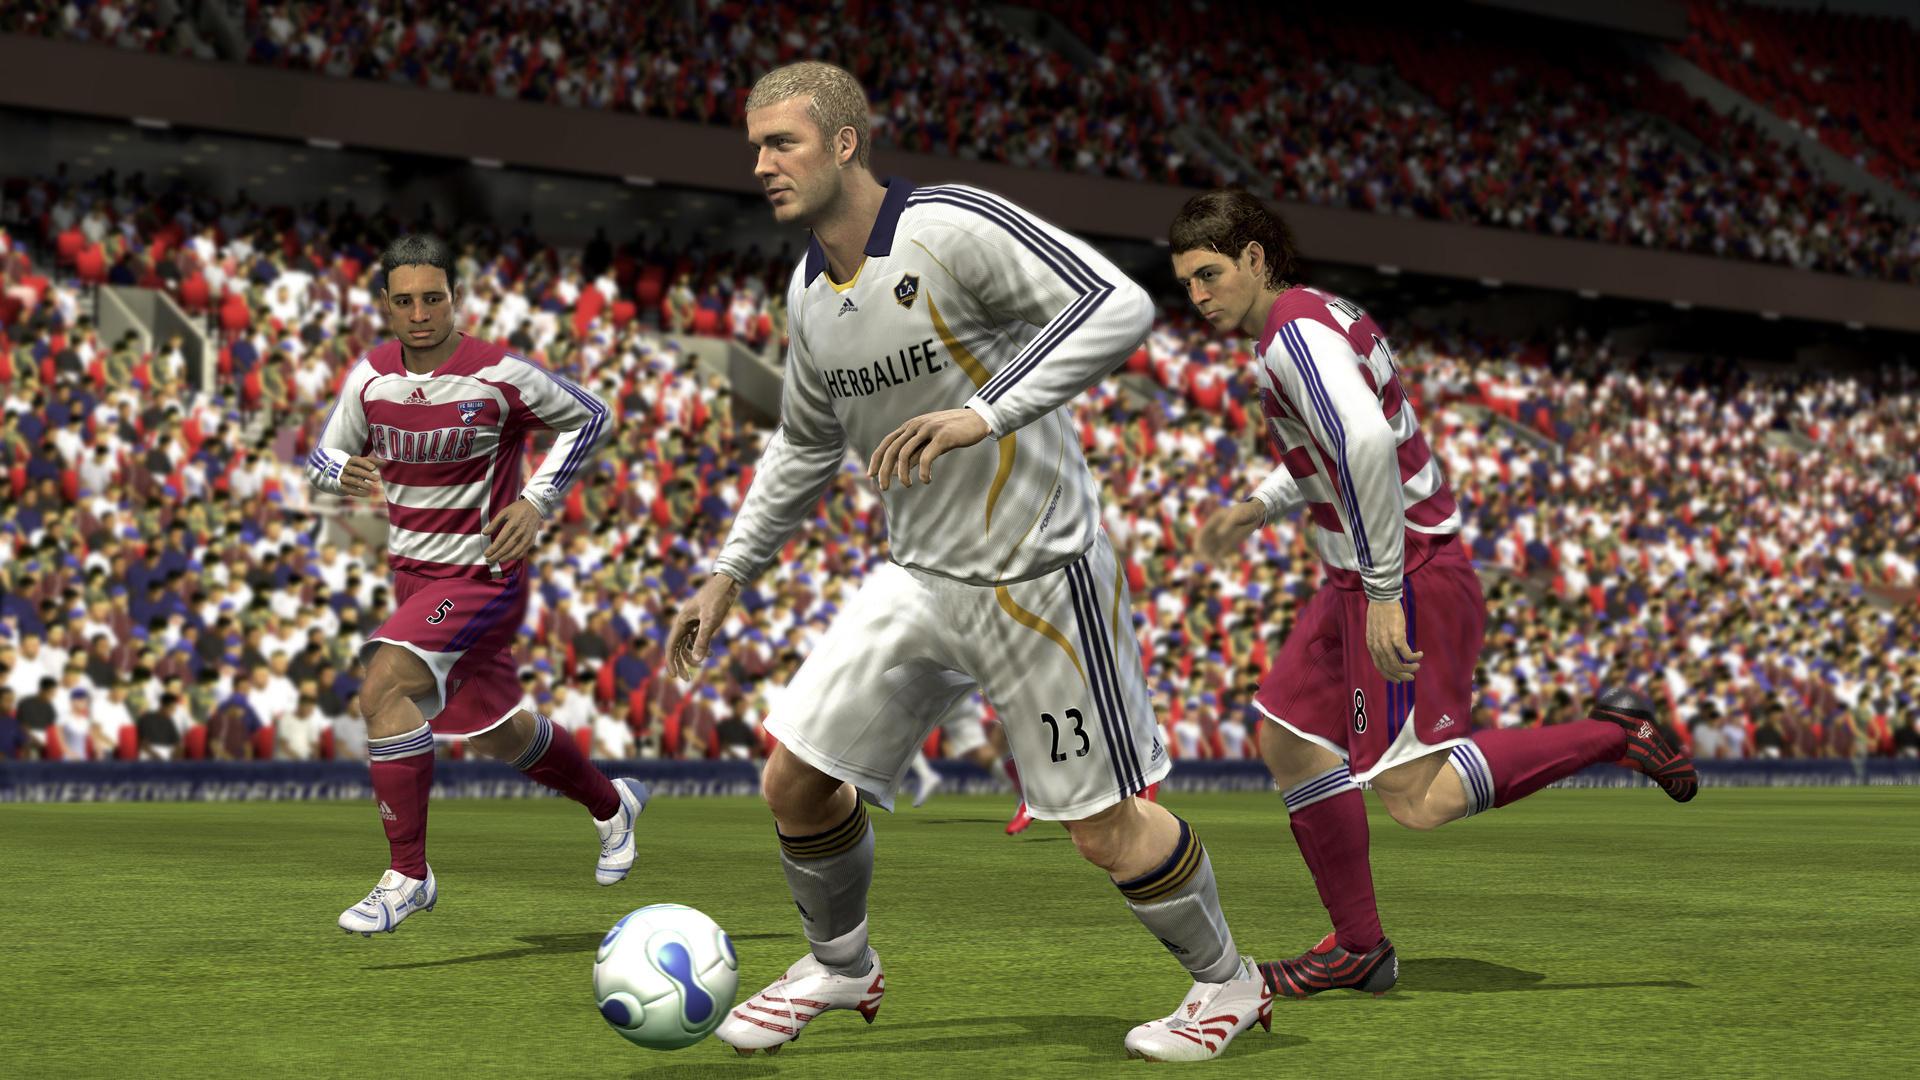 FIFA 08 (2007) (Xbox 360, PS3, Wii, PC, PS2, PSP, DS e plataformas móveis) | Capa: Wayne Rooney e Ronaldinho | Narração e comentários: Martin Tyler, Andy Gray e Clive Tyldesley